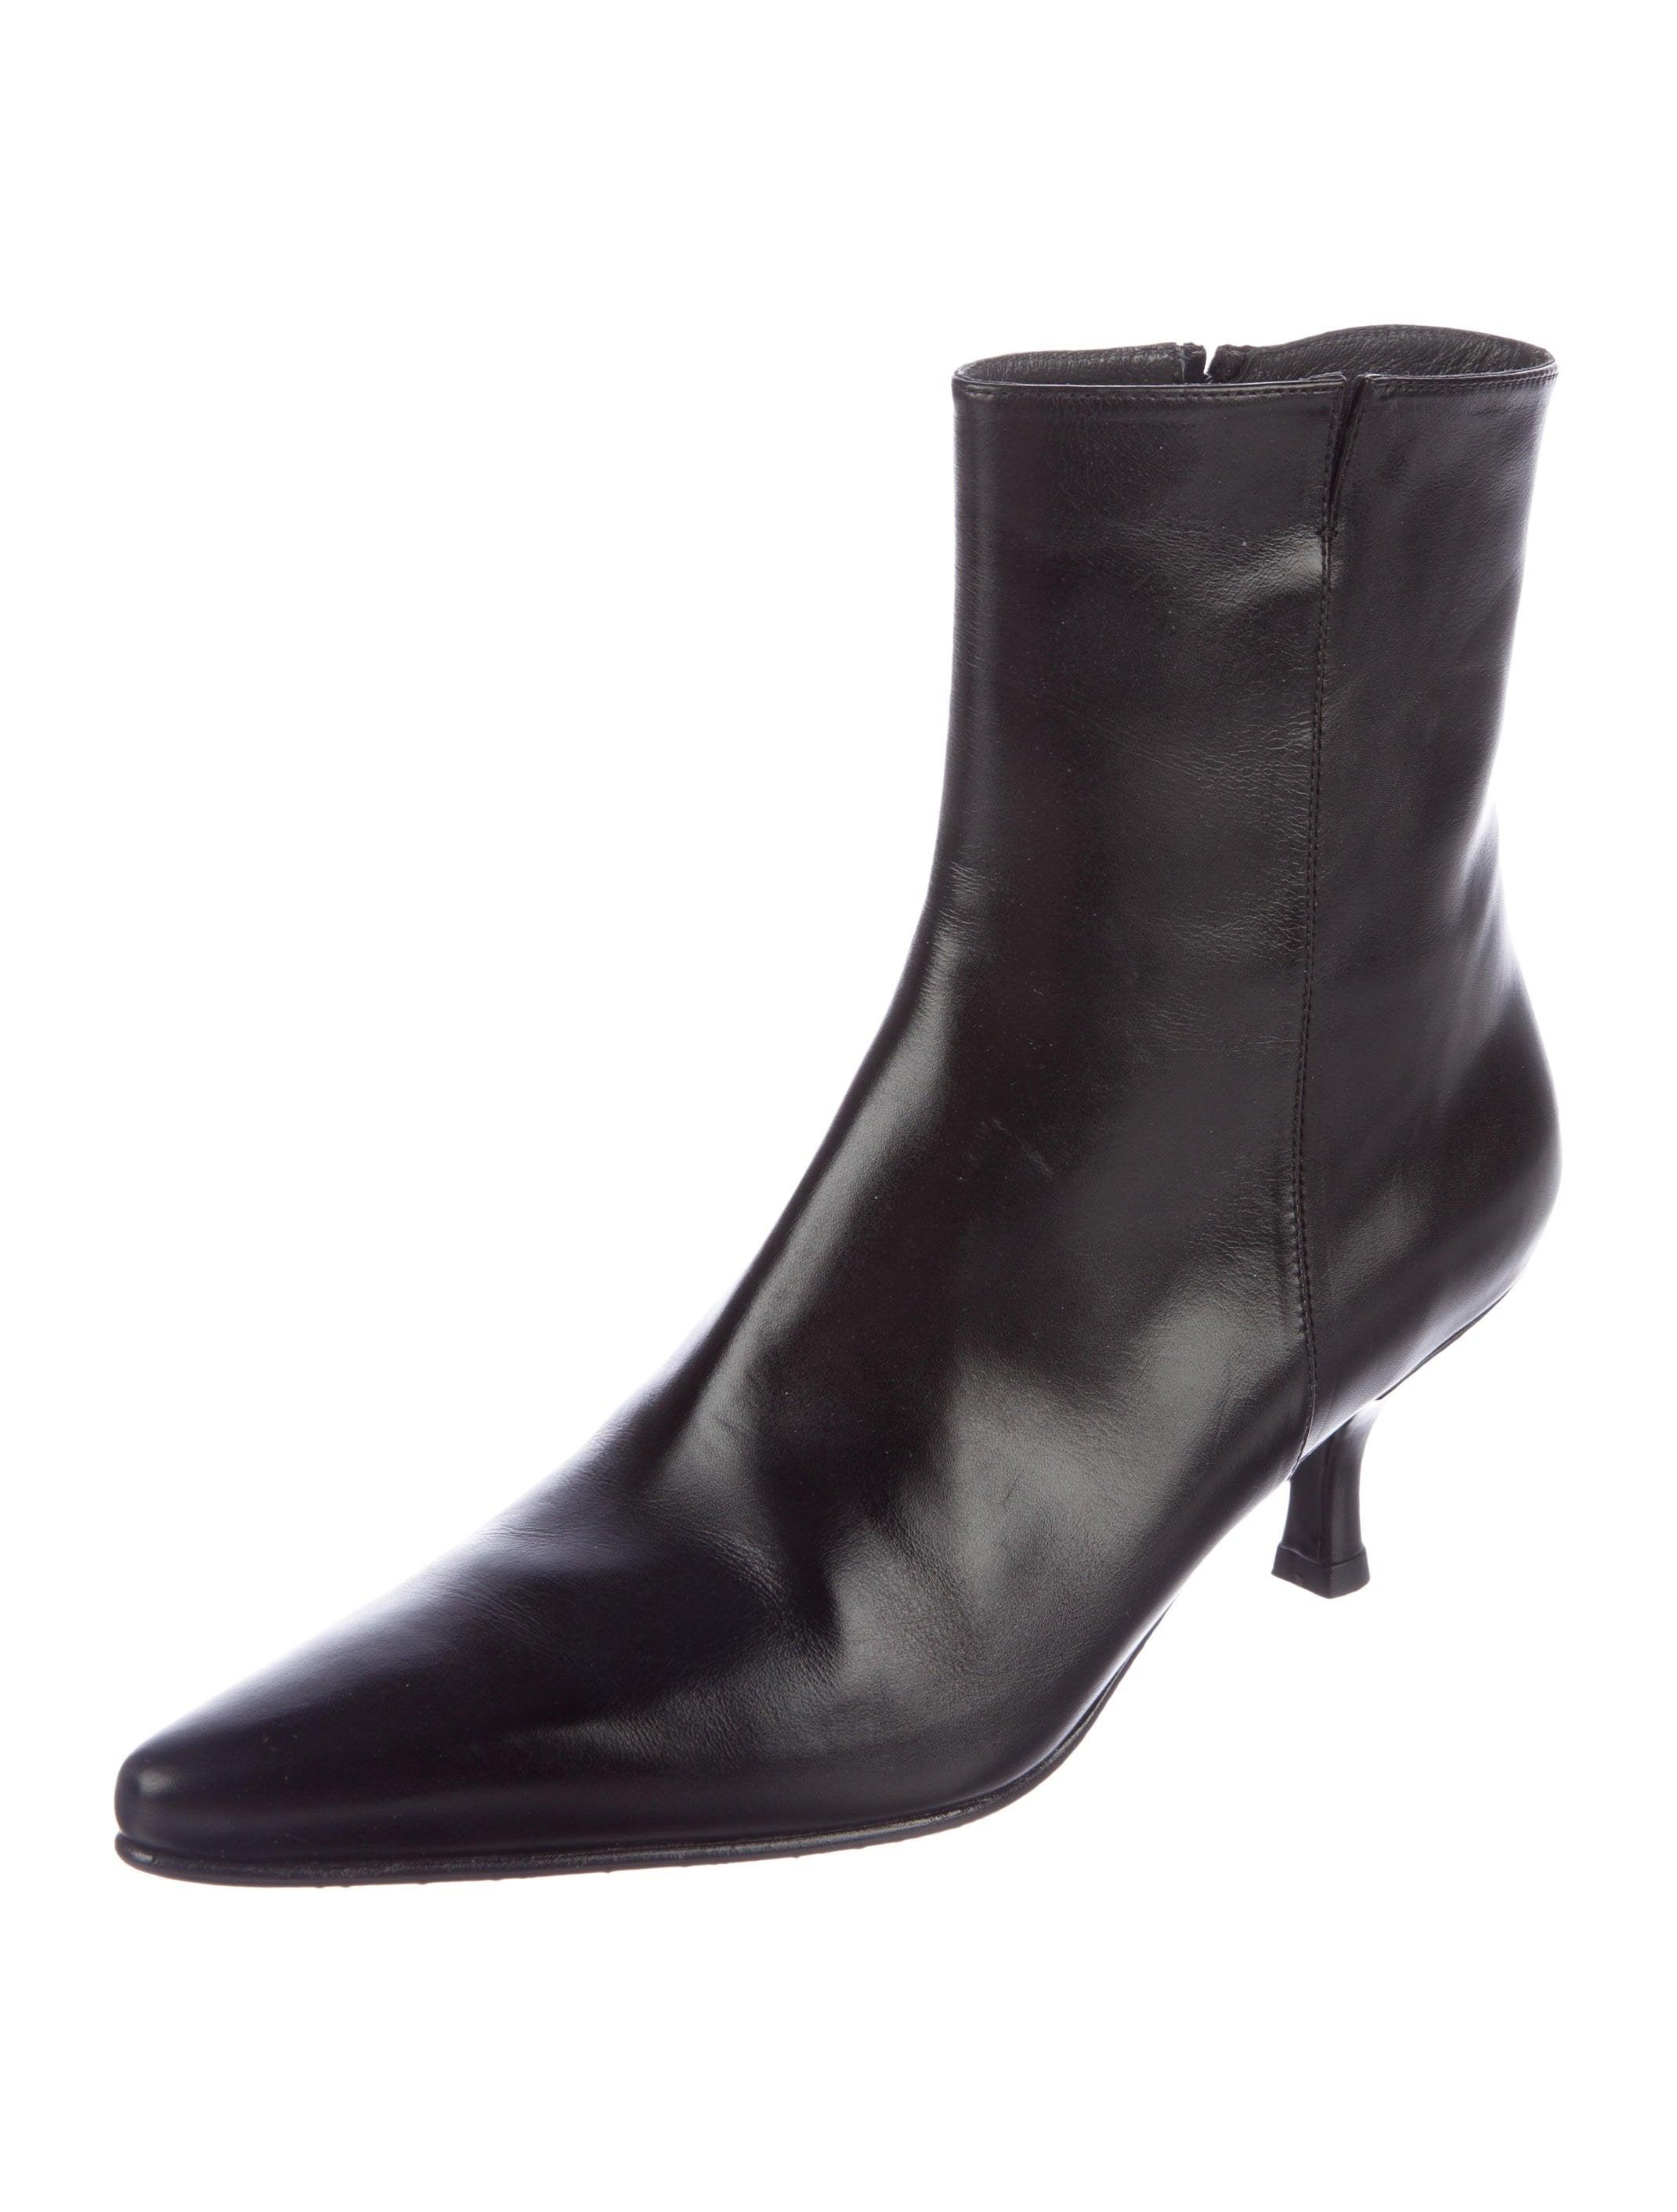 cheap 100% original cheap sale largest supplier Stuart Weitzman Pluto Leather Ankle Boots visa payment sale online cheap perfect dZYuOtADc